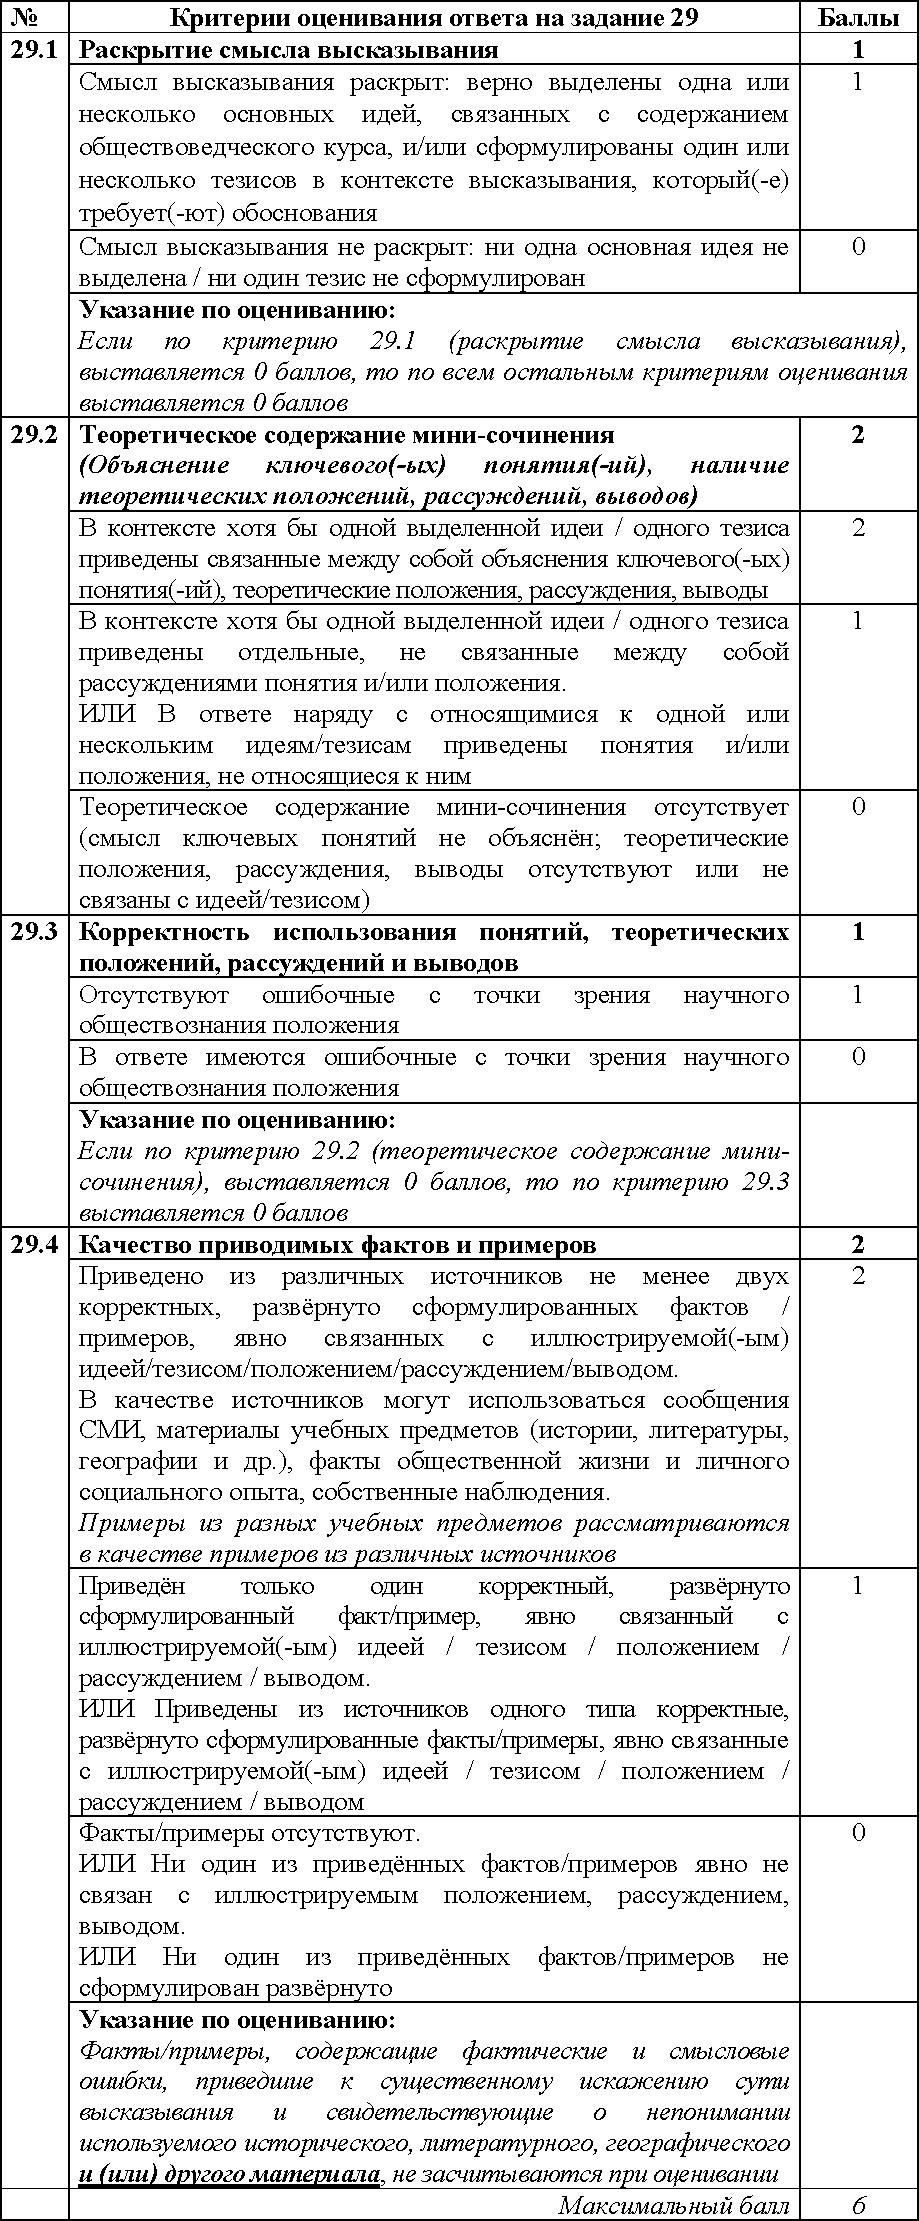 Эссе нормы современного русского языка 8075